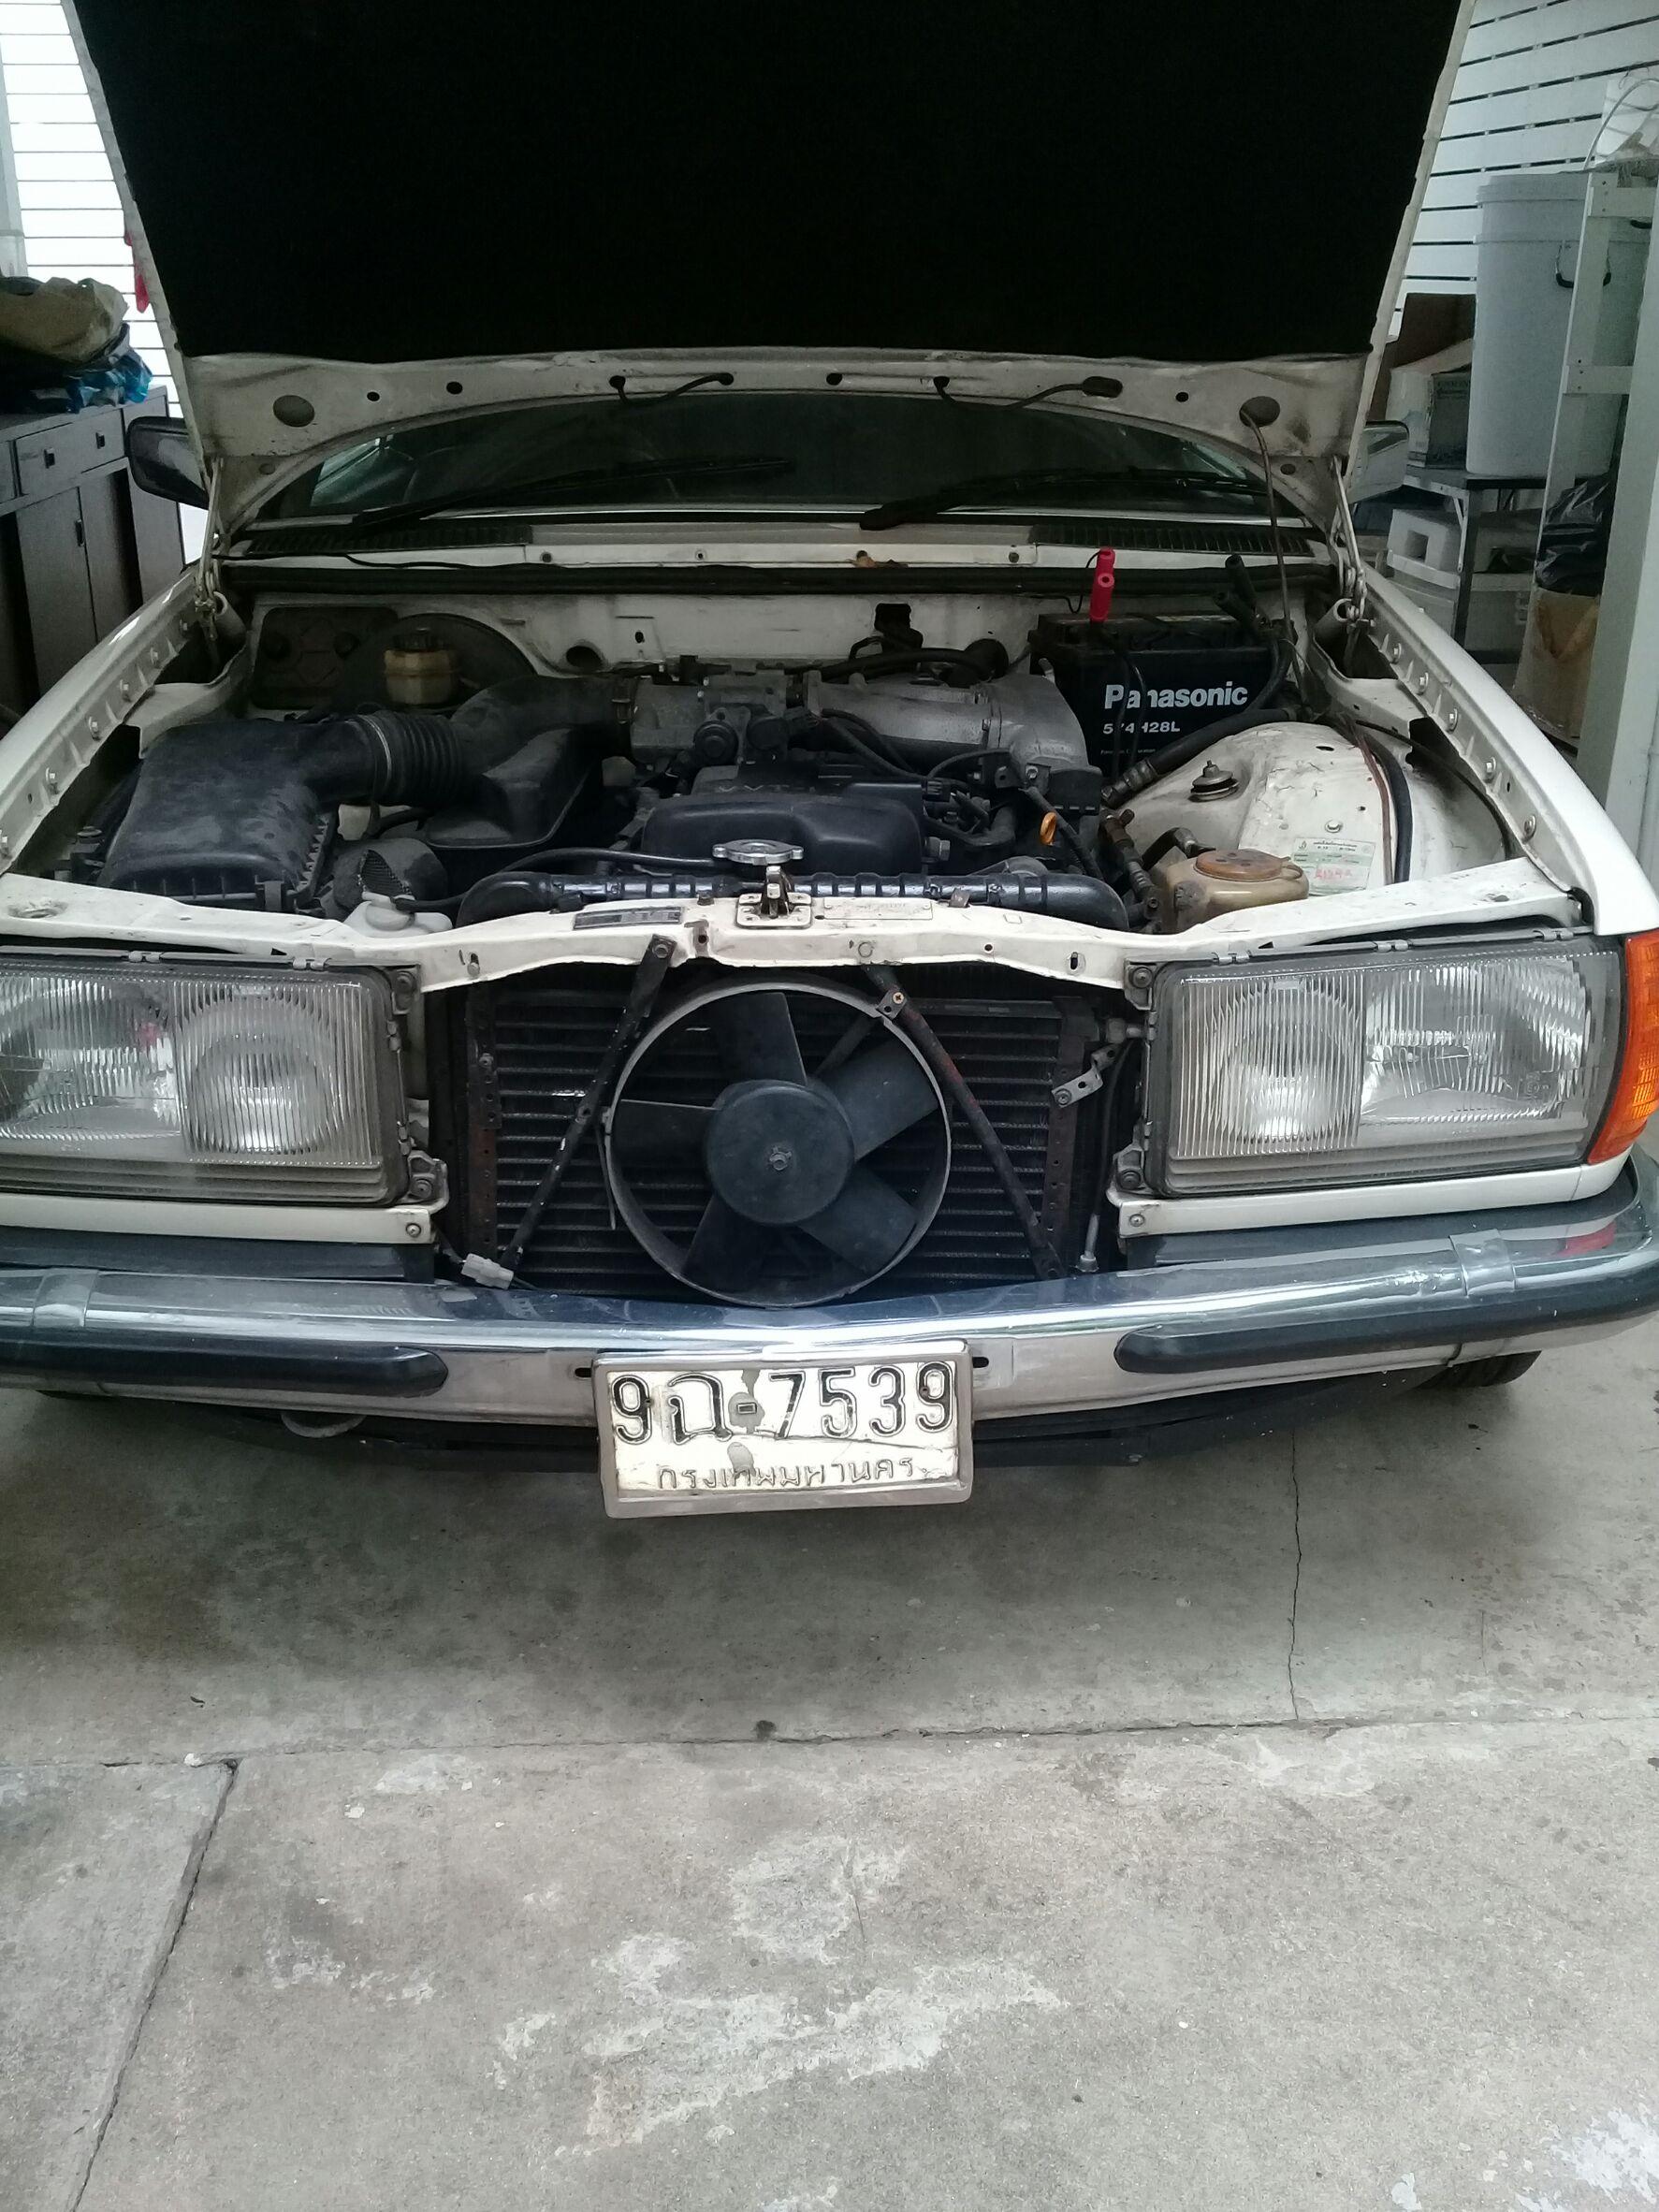 แบตเตอรี่รถยนต์ชายทะเล แบตเตอรี่รถยนต์เสมดำ แบตเตอรี่รถยนต์กาญจนาภิเษก